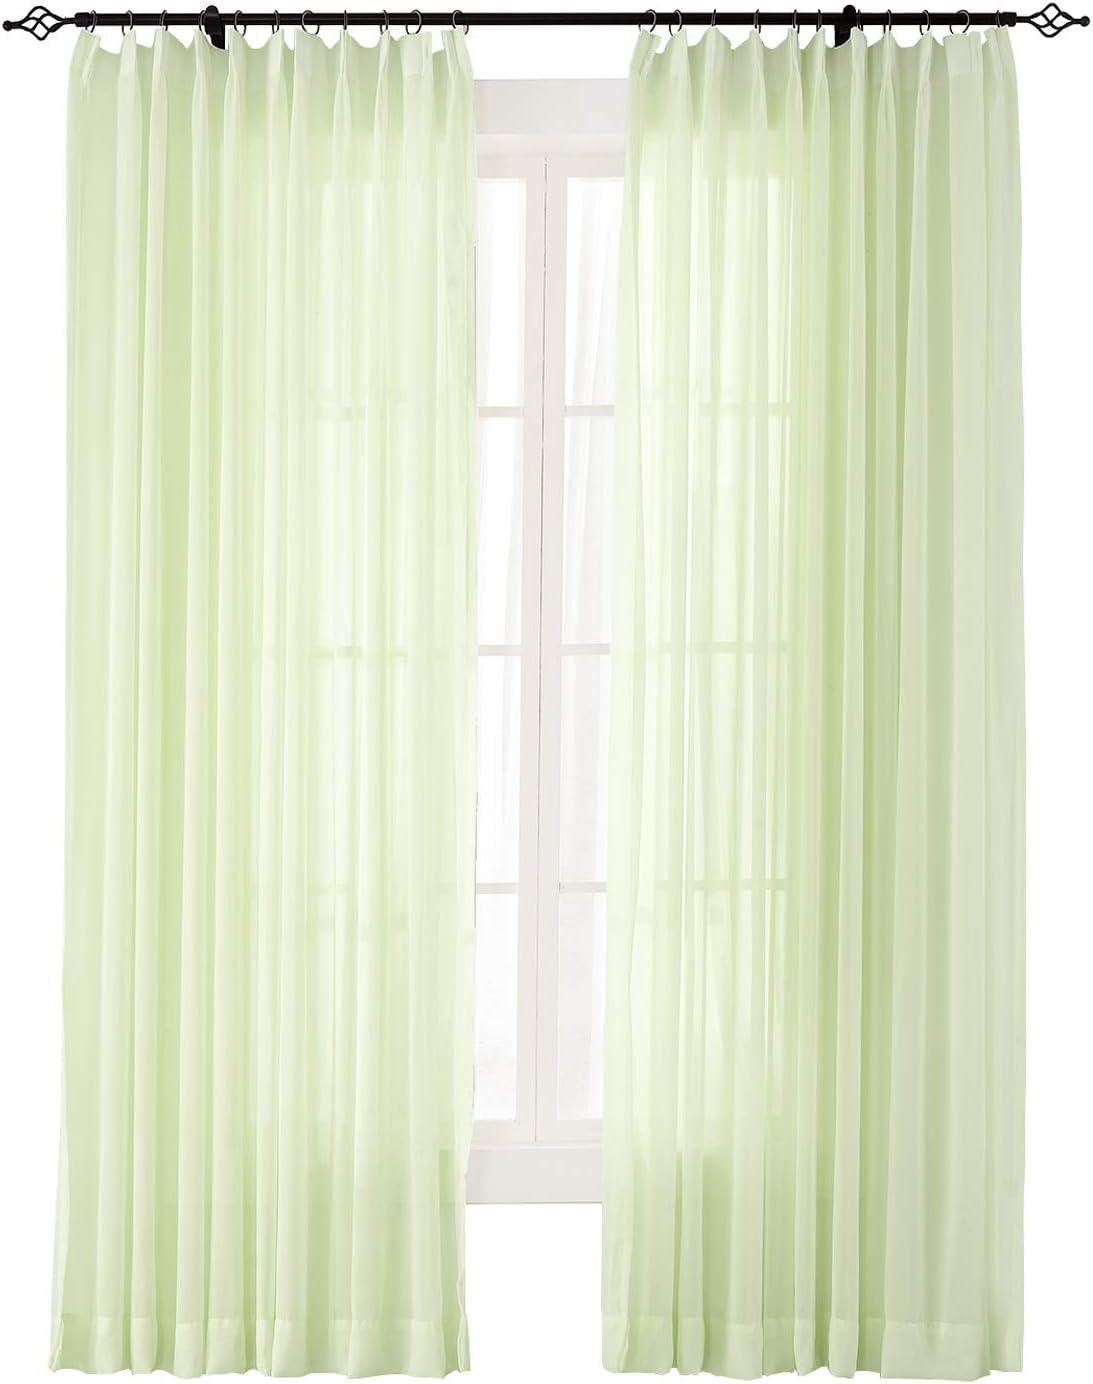 ChadMade Cortina para interiores y exteriores, lisa, transparente, plisada, amplia opulente, cortinas de gasa (1 panel), colección Scandina: Amazon.es: Jardín